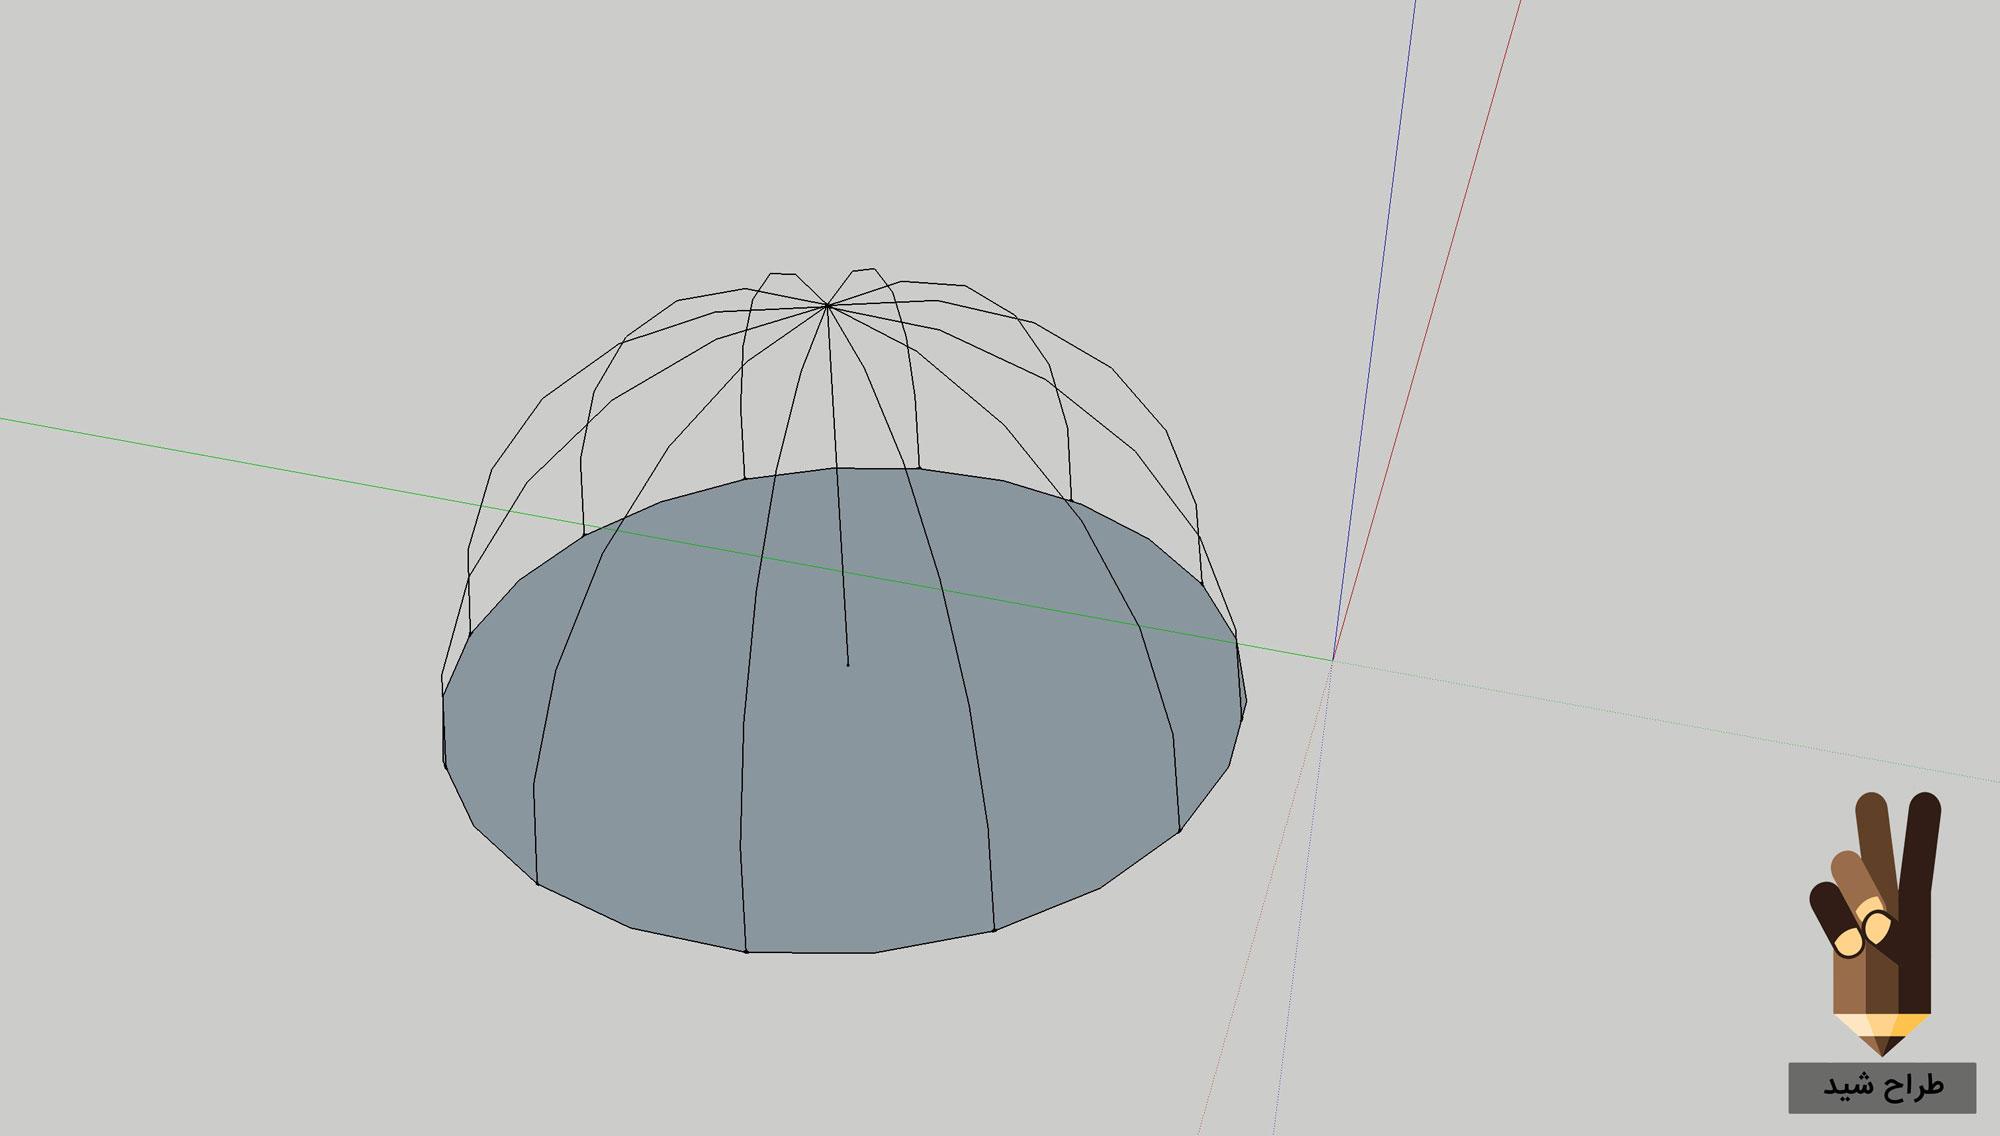 طراحی گنبد در اسکچاپ 5